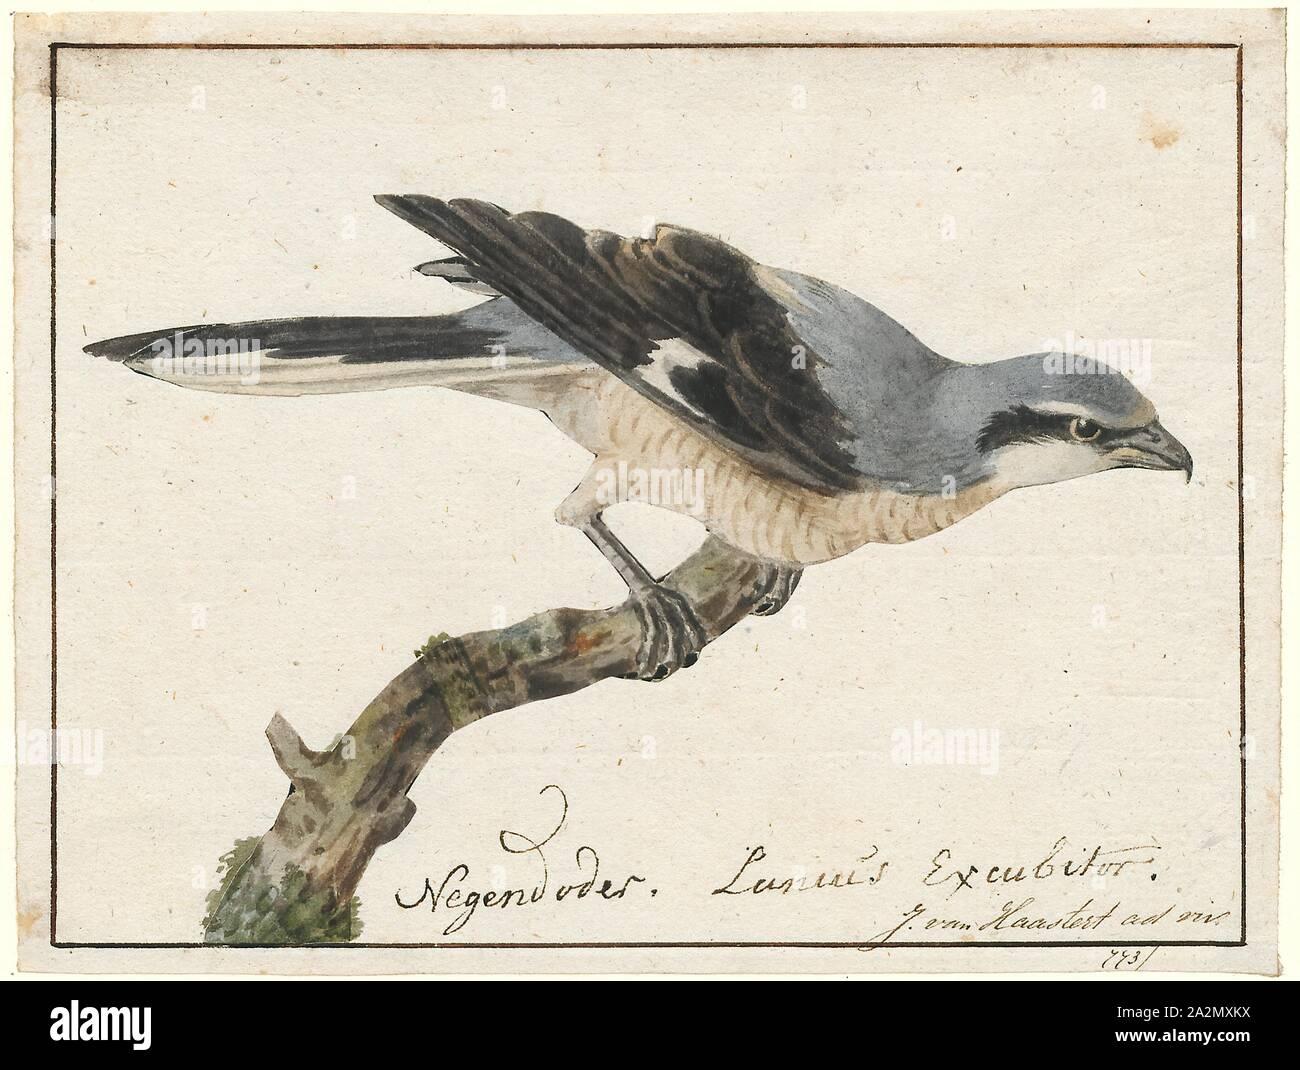 """Lanius excubitor, imprimir la gran actuación en """"The Shrike"""" gris (Lanius excubitor), conocido como el norte de actuación en """"The Shrike"""" en América del Norte, es un gran songbird especies en la actuación en """"The Shrike"""" (familia Laniidae). Se forma una subespecie con sus parientes, el sur parapatric gris ibérico actuación en """"The Shrike"""" (L. meridionalis), el chino sphenocerus gris actuación en """"The Shrike"""" (L.) y la caguama actuación en """"The Shrike"""" (L. ludovicianus). Machos y hembras son similares en plumaje gris nacarado, encima con un ojo negro-blanco y máscara debajo, 1753-1834. Foto de stock"""